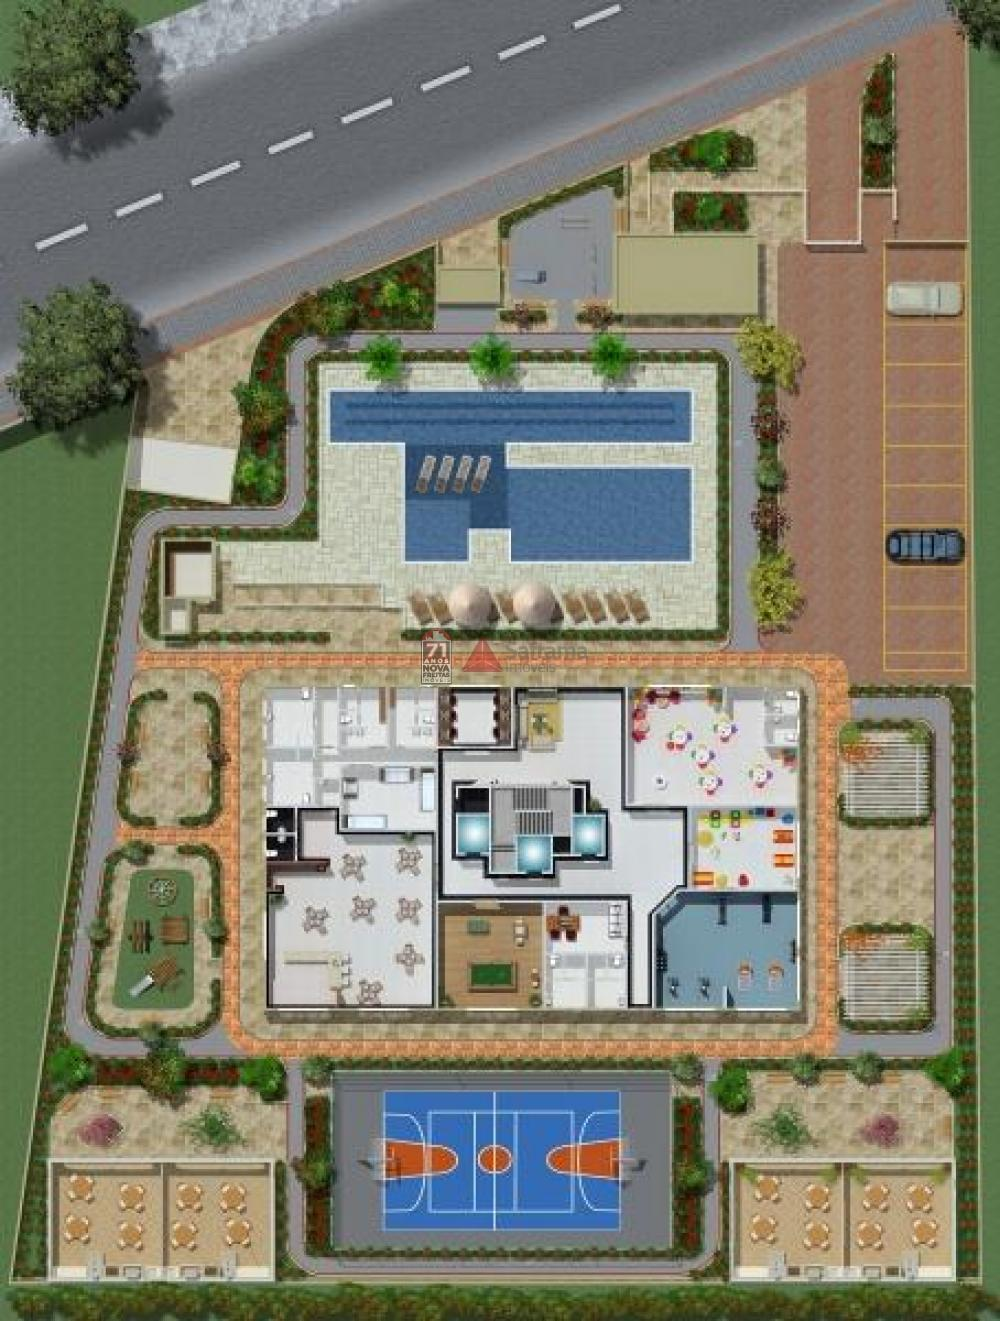 Alugar Apartamento / Padrão em São José dos Campos R$ 2.200,00 - Foto 25